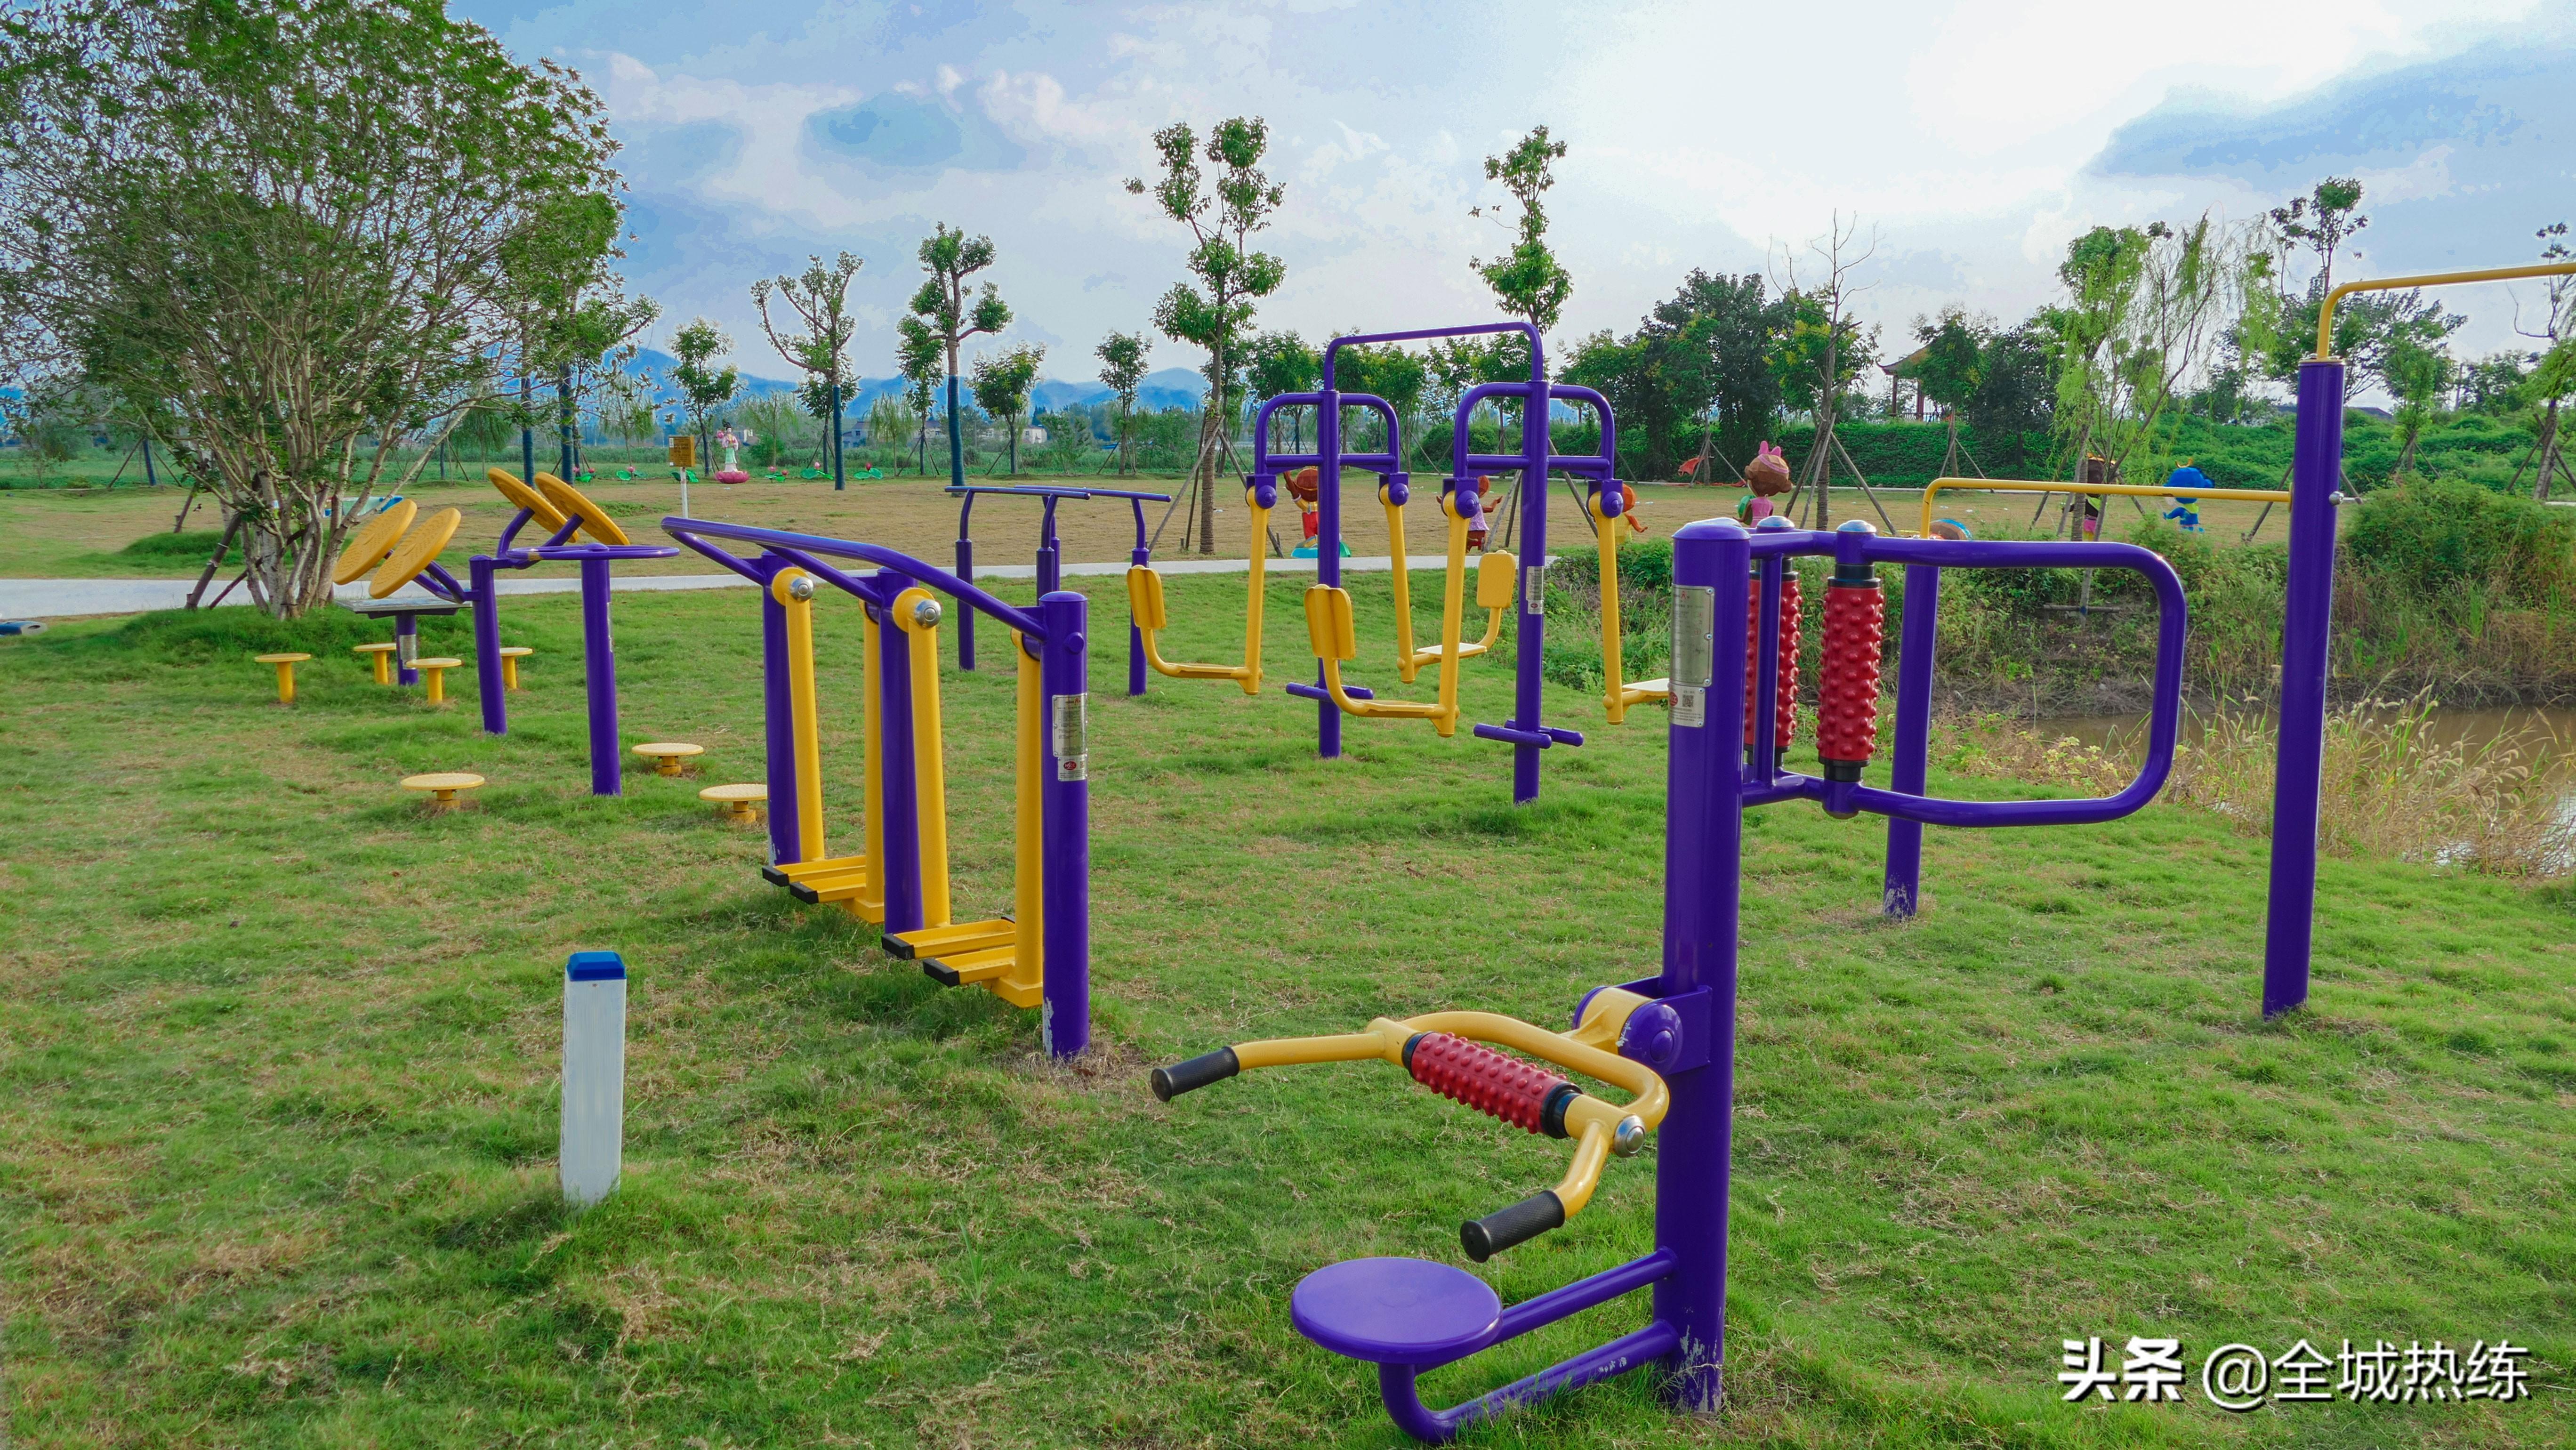 创建国家卫生文明城市 社会体育指导员在行动 全市健身器材安全隐患大排查行动